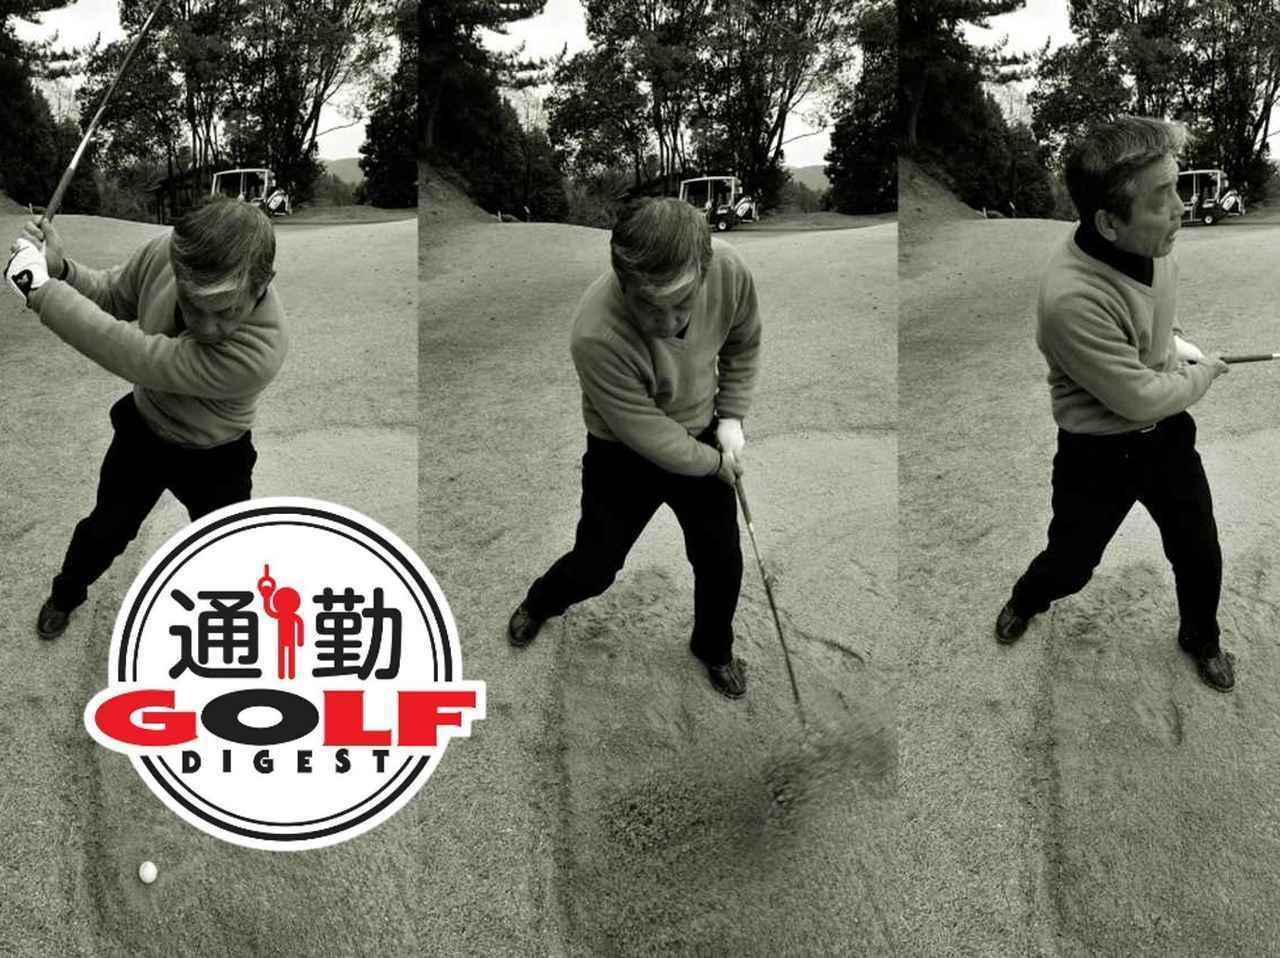 画像: 【通勤GD】高松志門・奥田晴己の一行レッスンVol.4「悪いライはエエ女」ゴルフダイジェストWEB - ゴルフへ行こうWEB by ゴルフダイジェスト